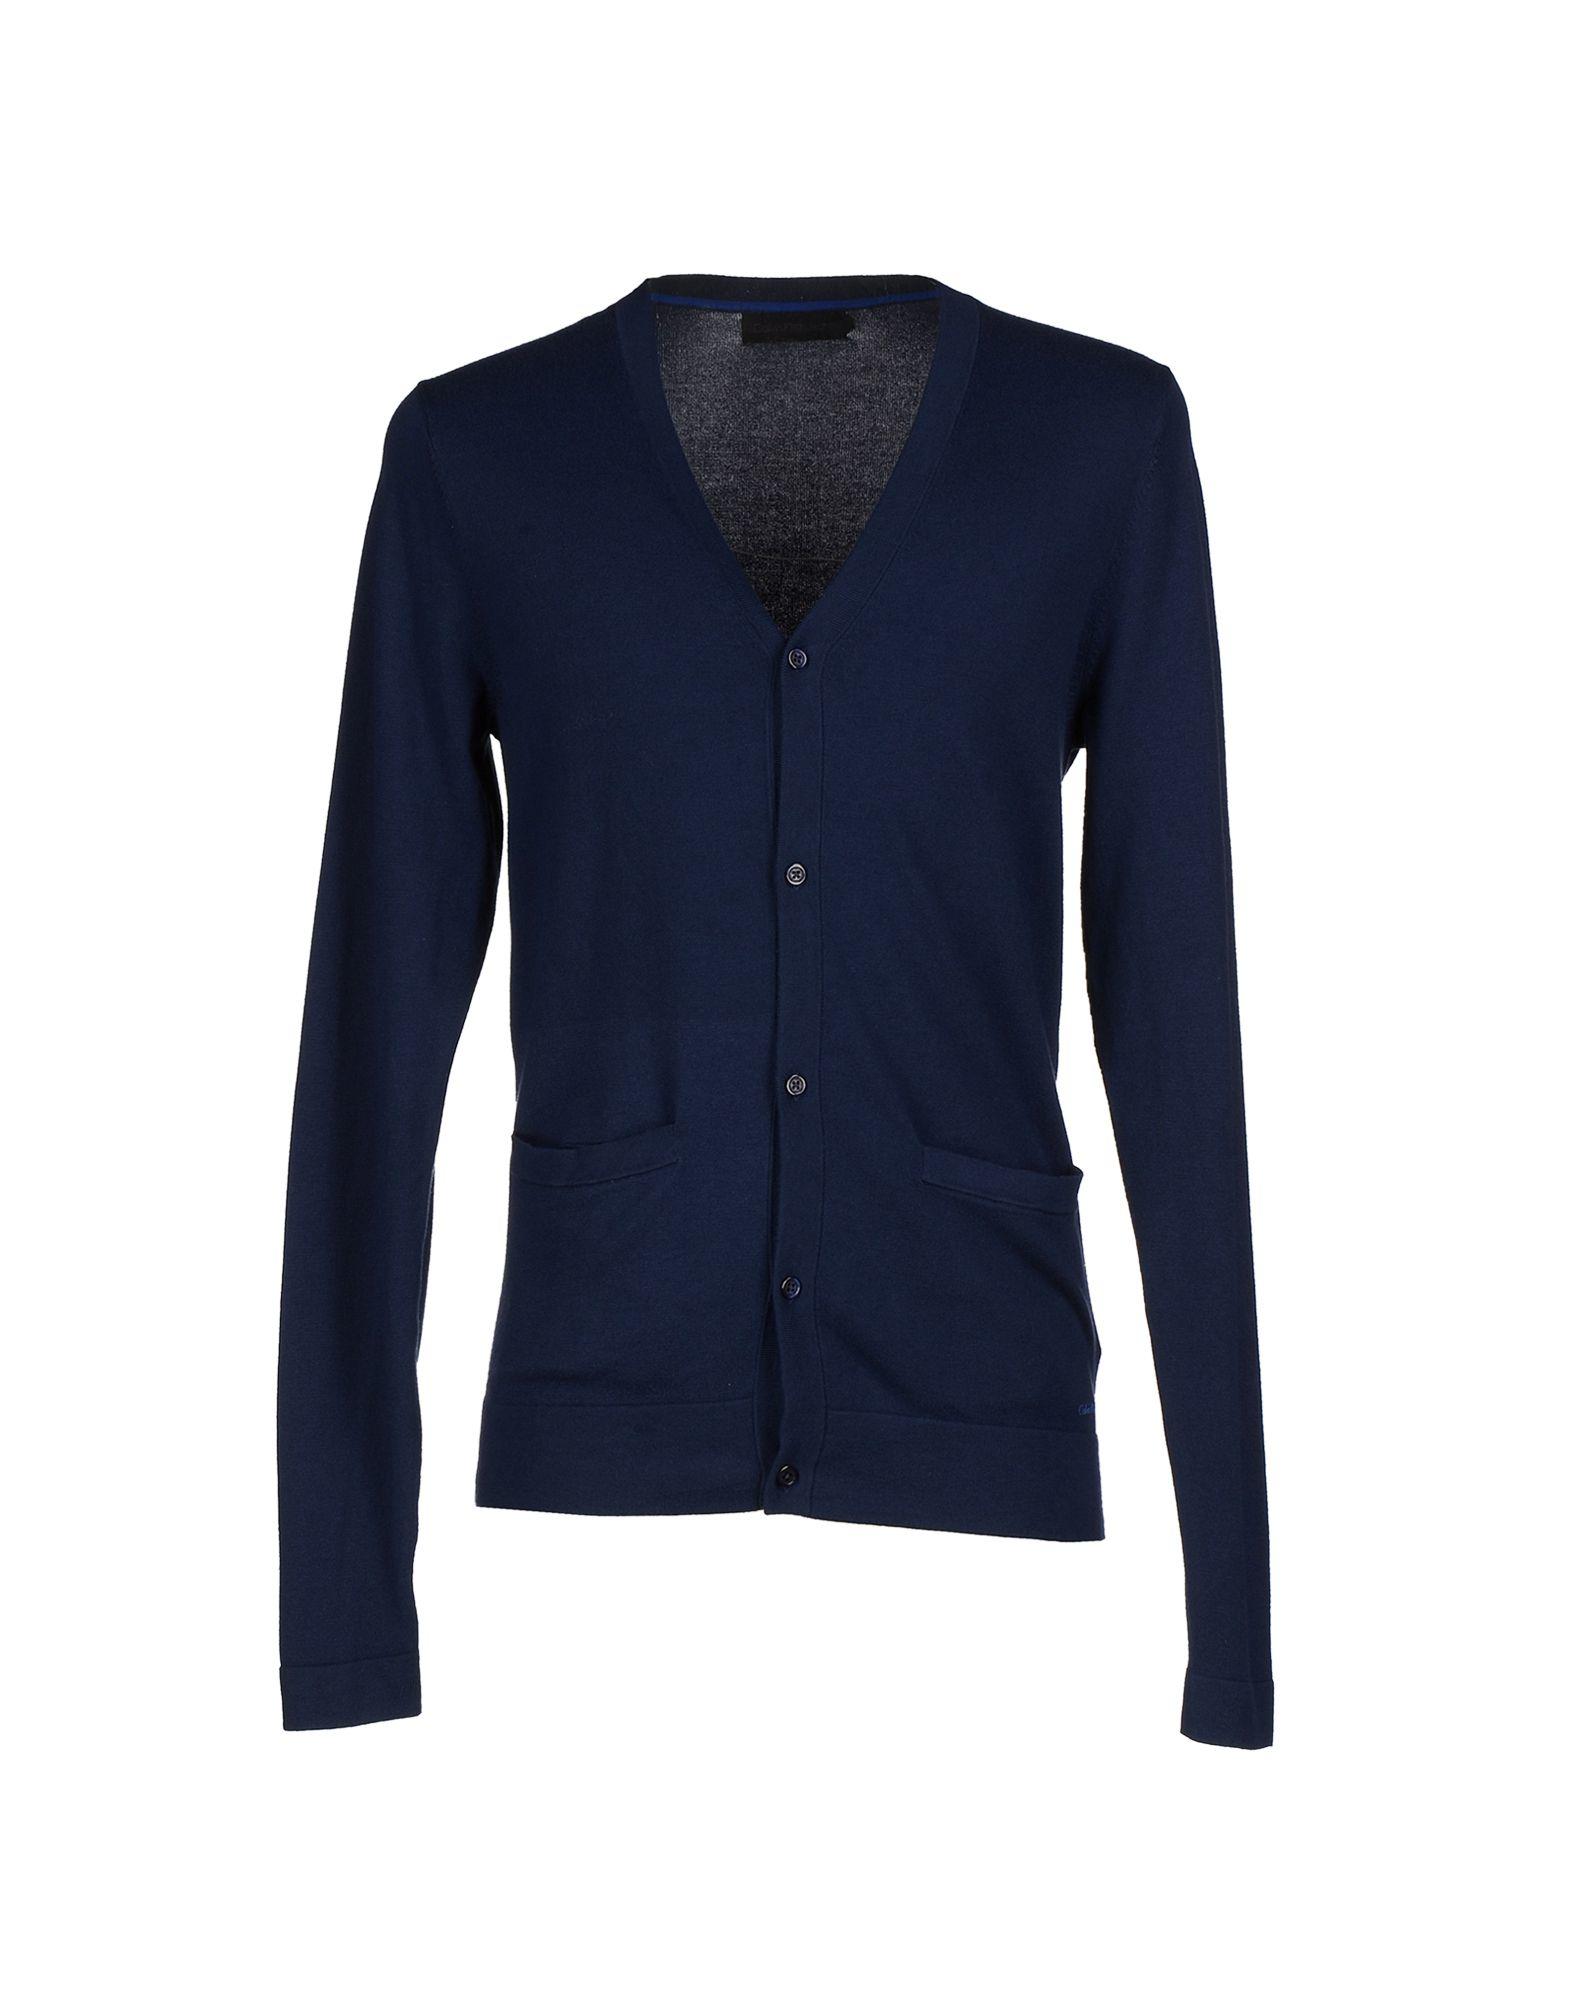 lyst calvin klein jeans cardigan in blue for men. Black Bedroom Furniture Sets. Home Design Ideas